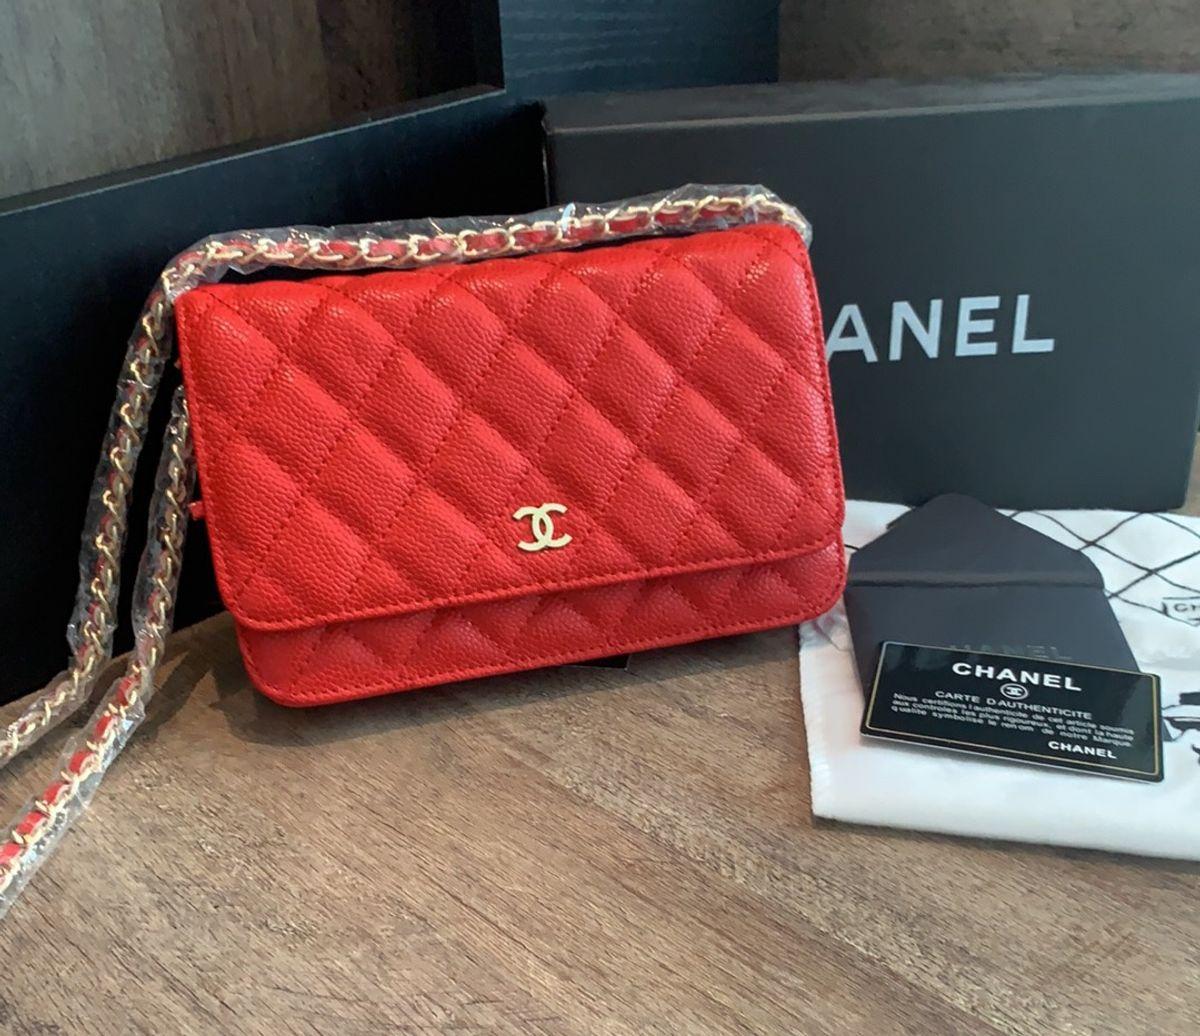 c1a8c8cd5 bolsa chanel woc vermelha inspired - ombro chanel.  Czm6ly9wag90b3muzw5qb2vplmnvbs5ici9wcm9kdwn0cy84oty2ntcvmtmymtc2zjgyyjhhywy5zwu1mjfkytqznjeymgzhnjauanbn  ...